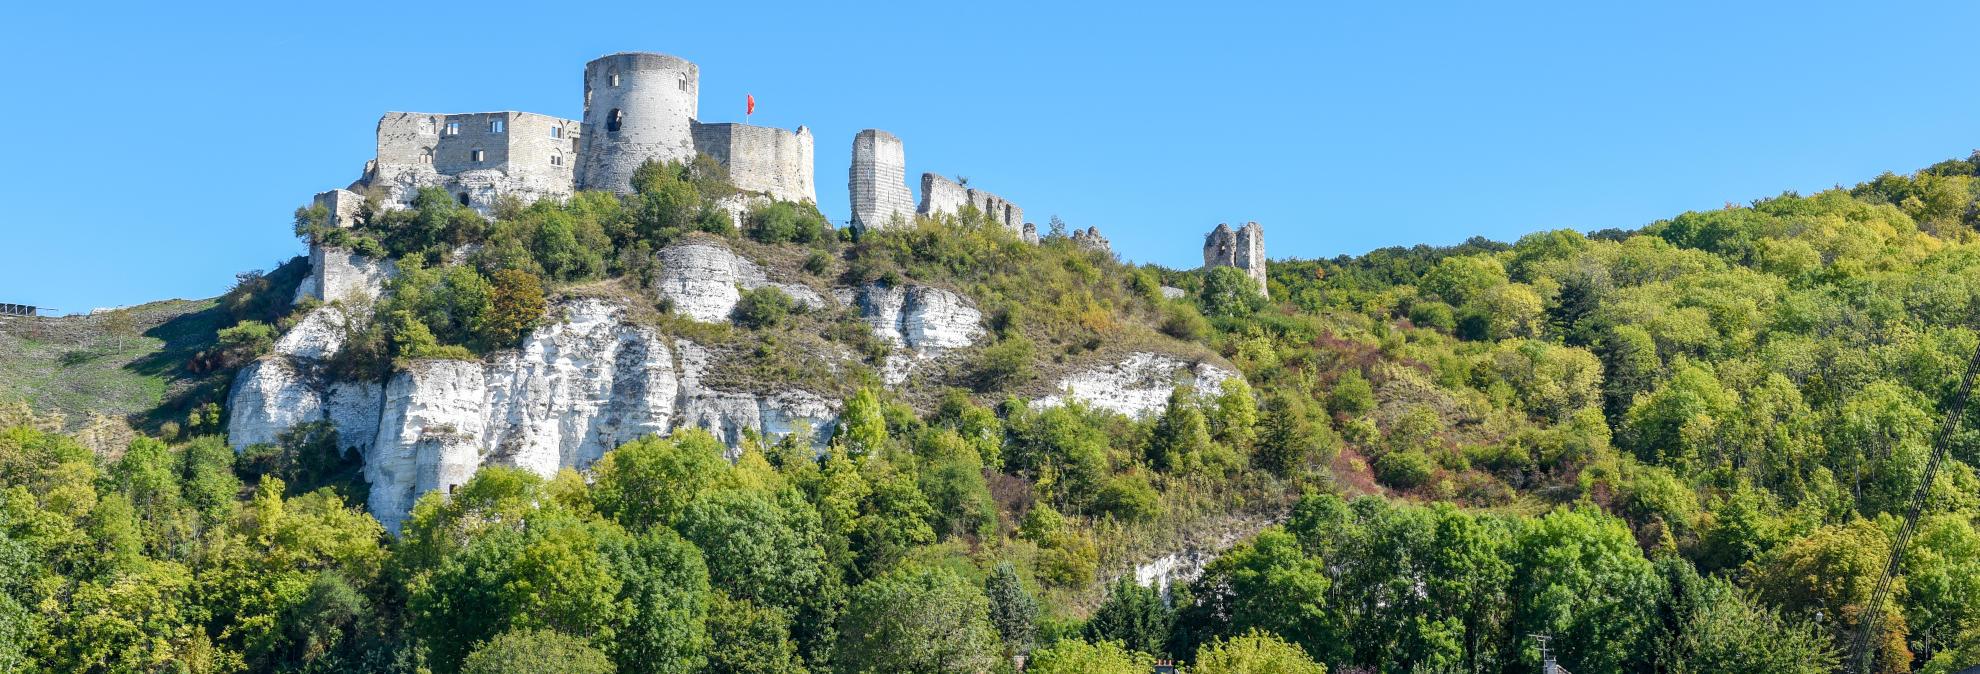 Château Gaillard, vallée de la Seine